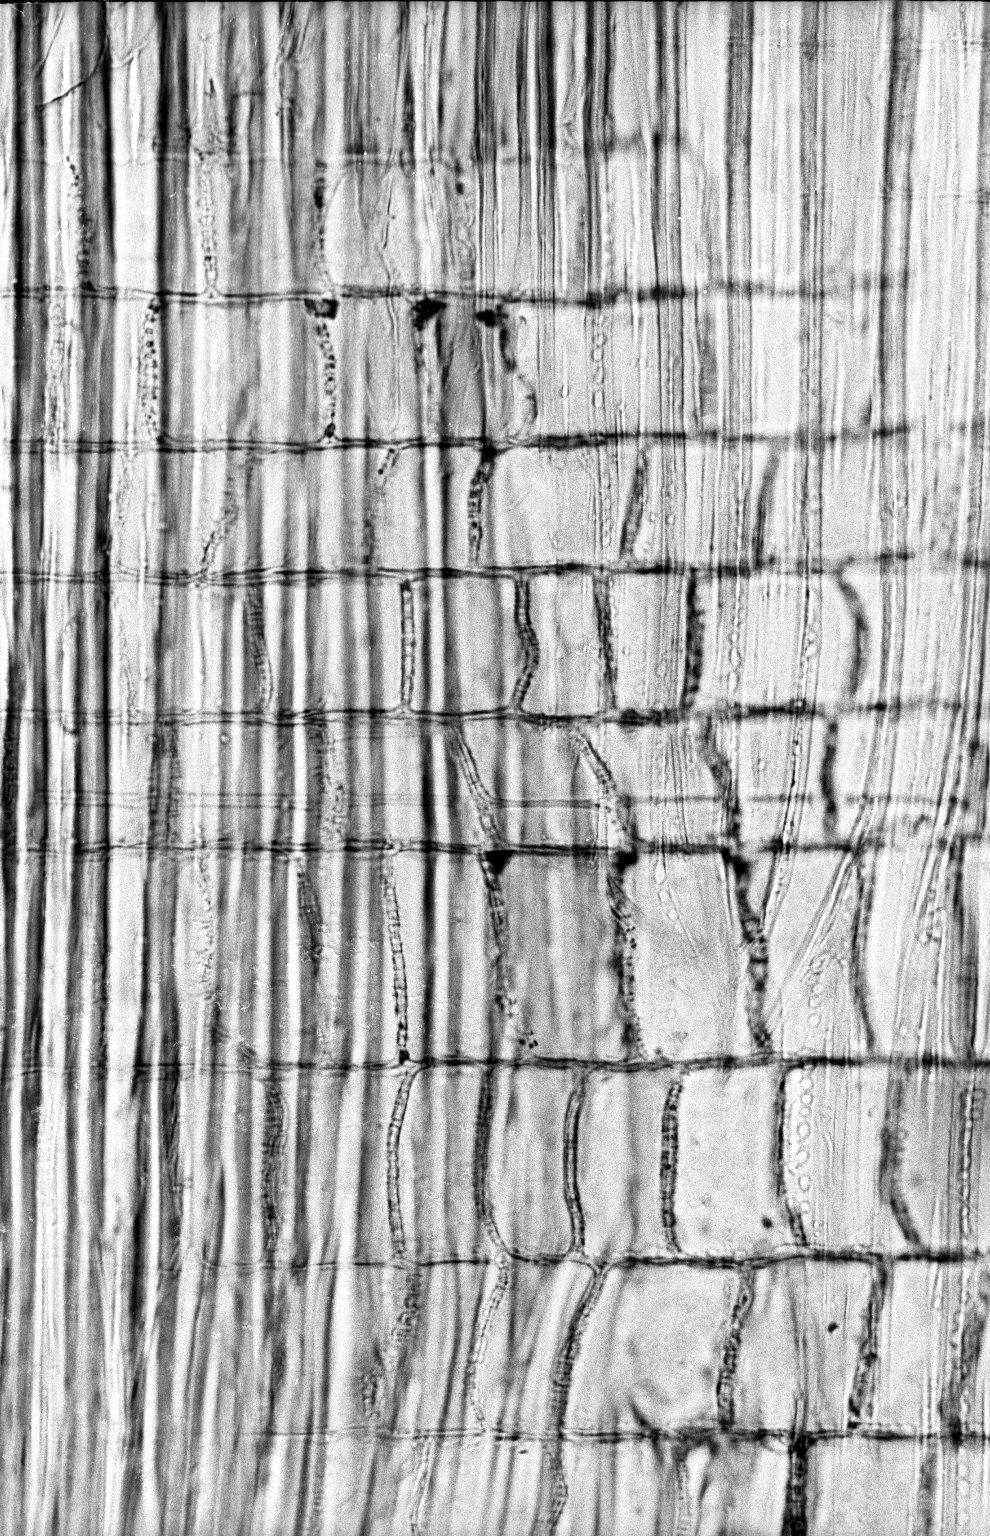 MELASTOMATACEAE Bellucia pentamera